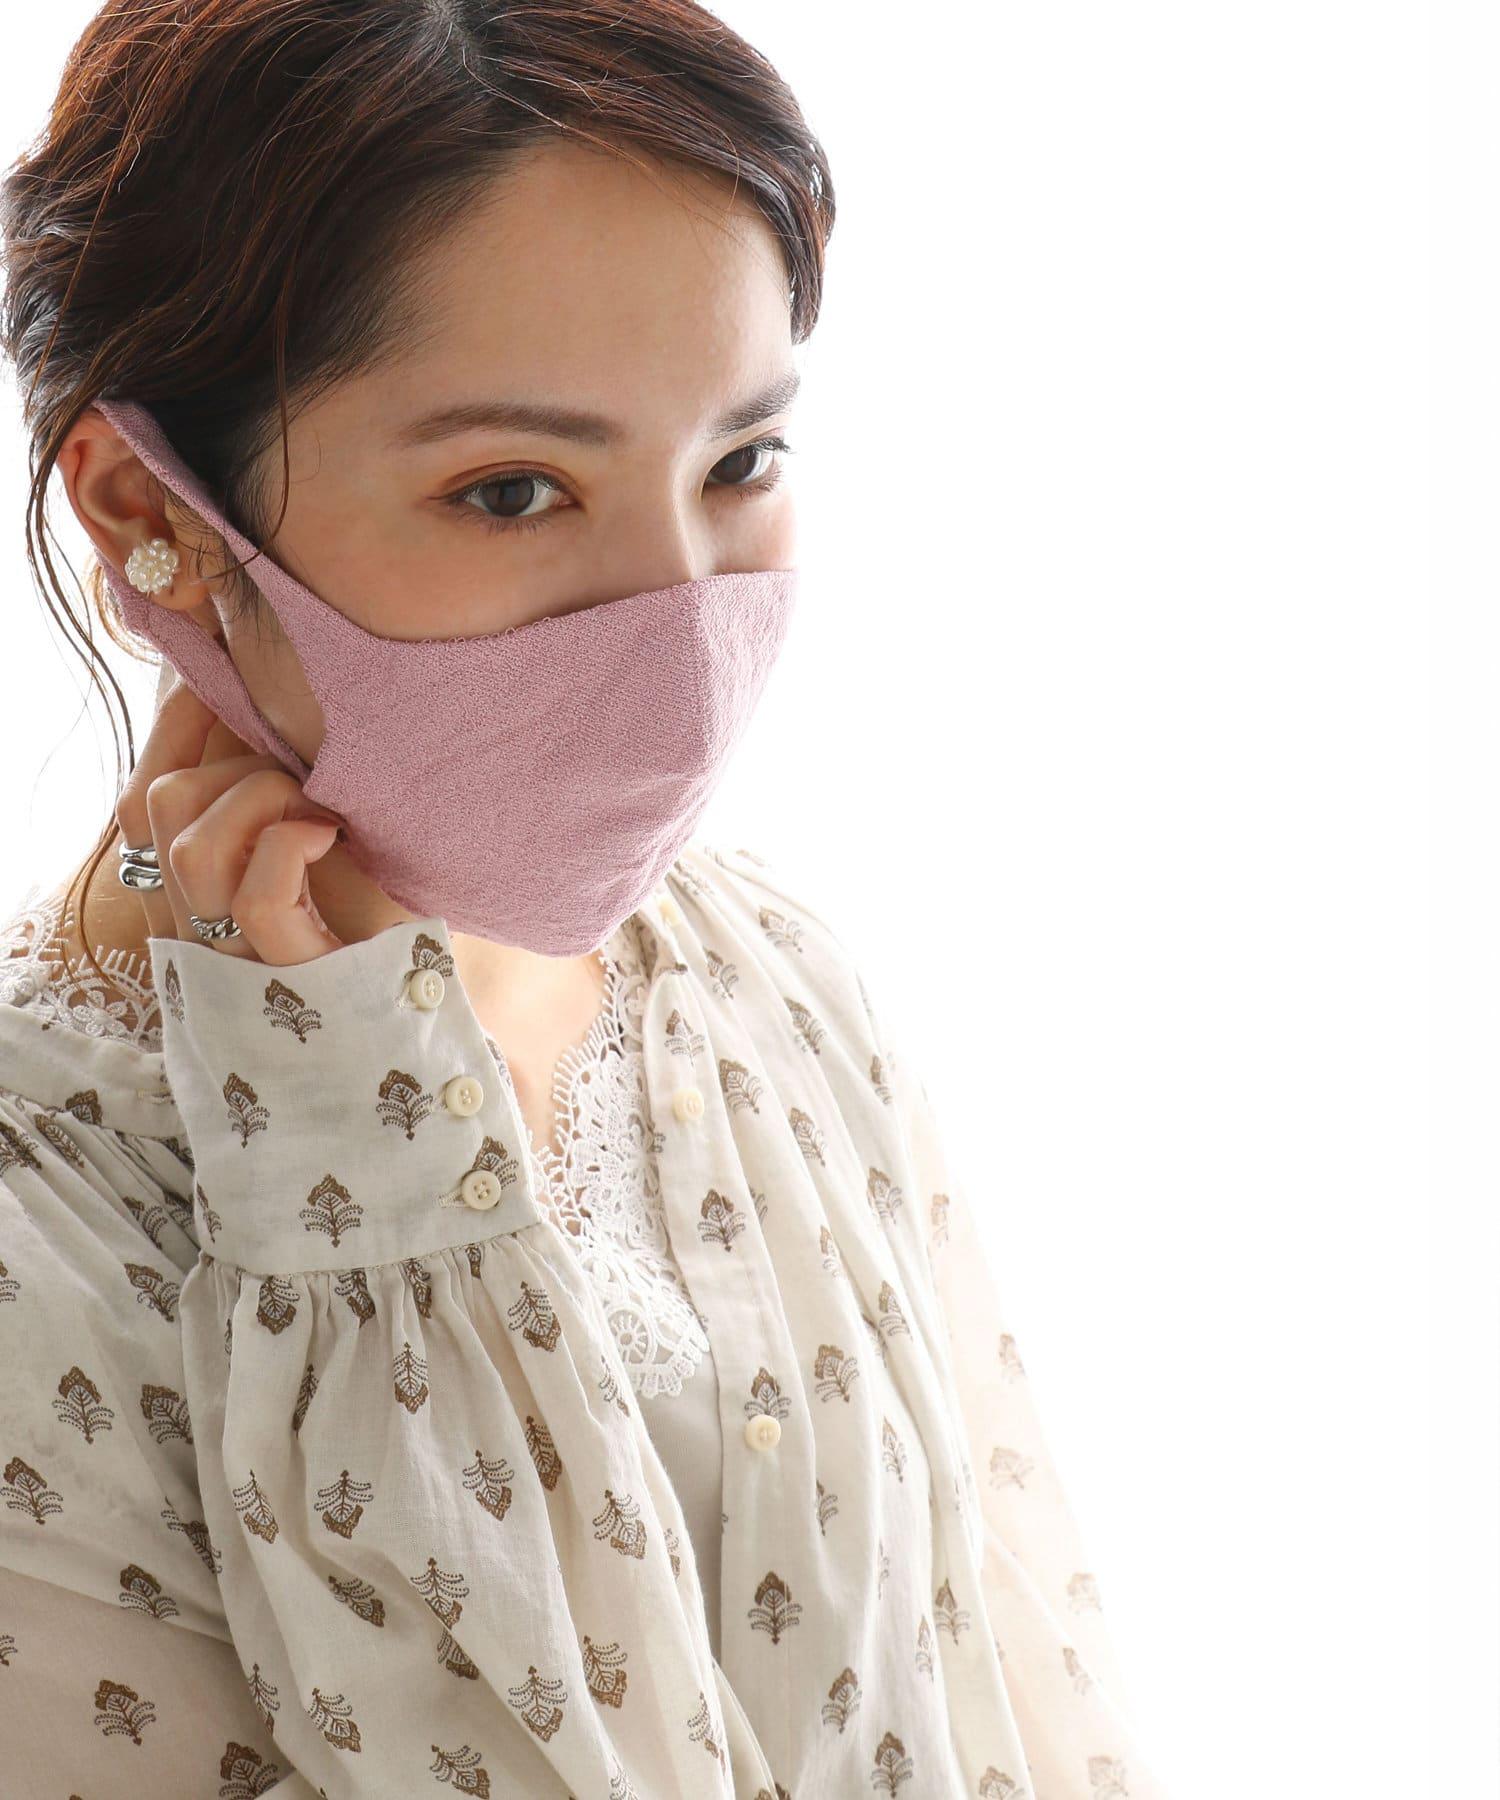 pual ce cin(ピュアルセシン) レディース JAPAN MADE シームレス和紙マスク ピンク系その他